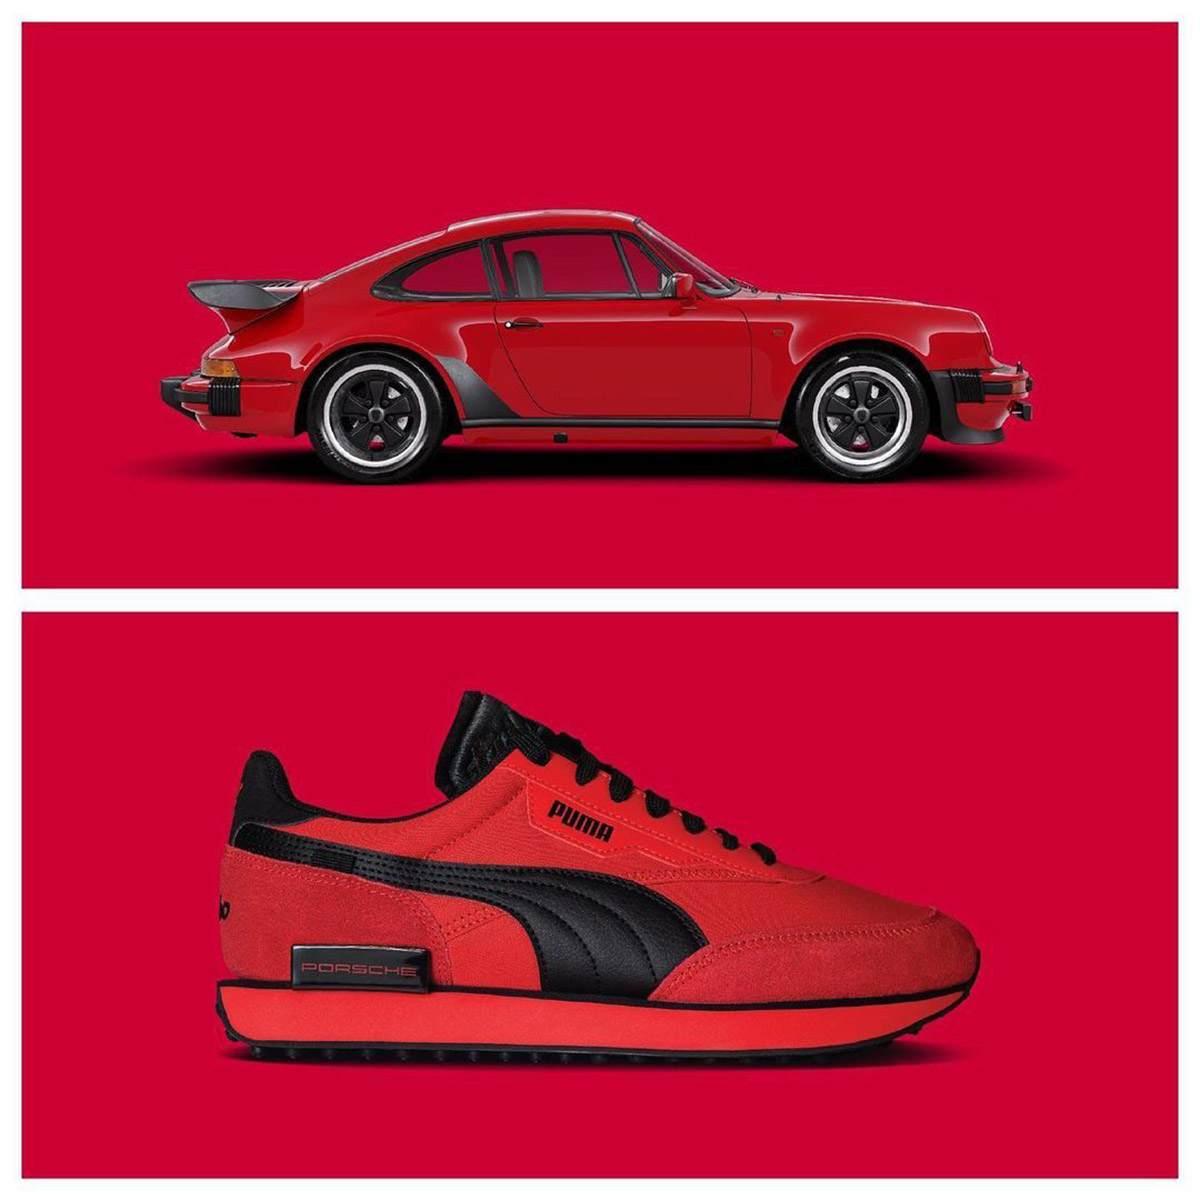 Porsche Design x Puma